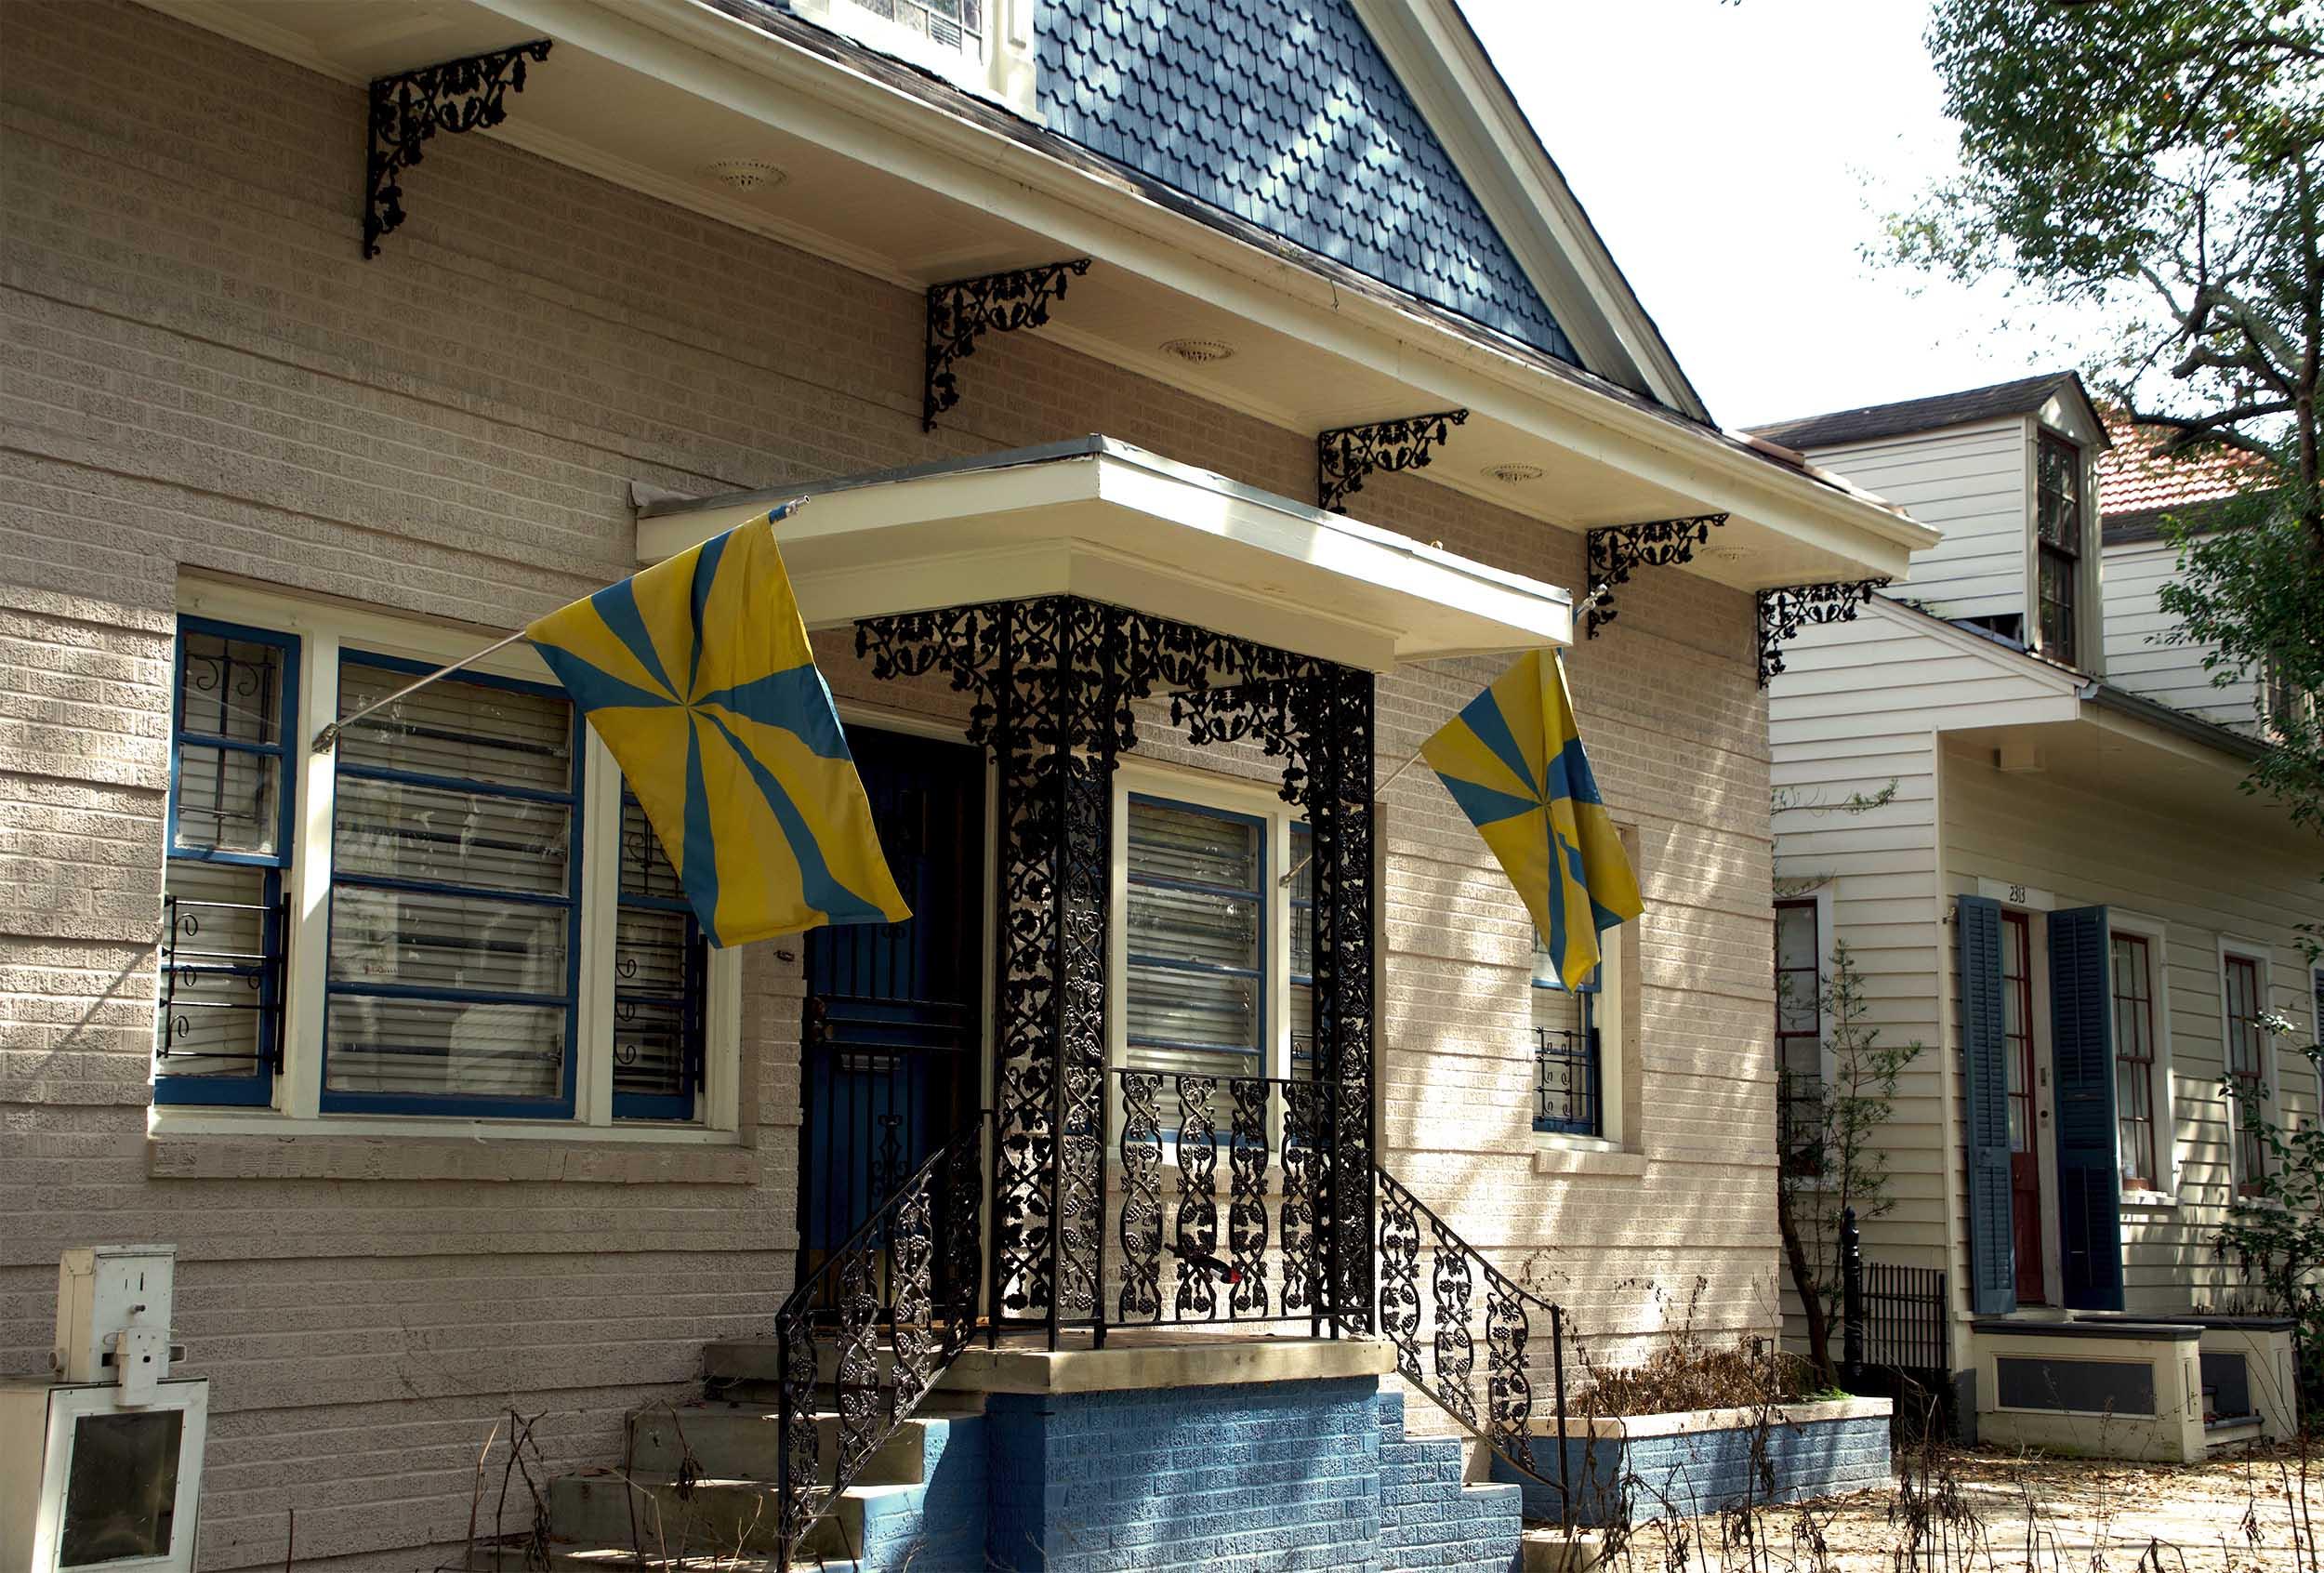 New Orleans Tribune | Esplanade Avenue